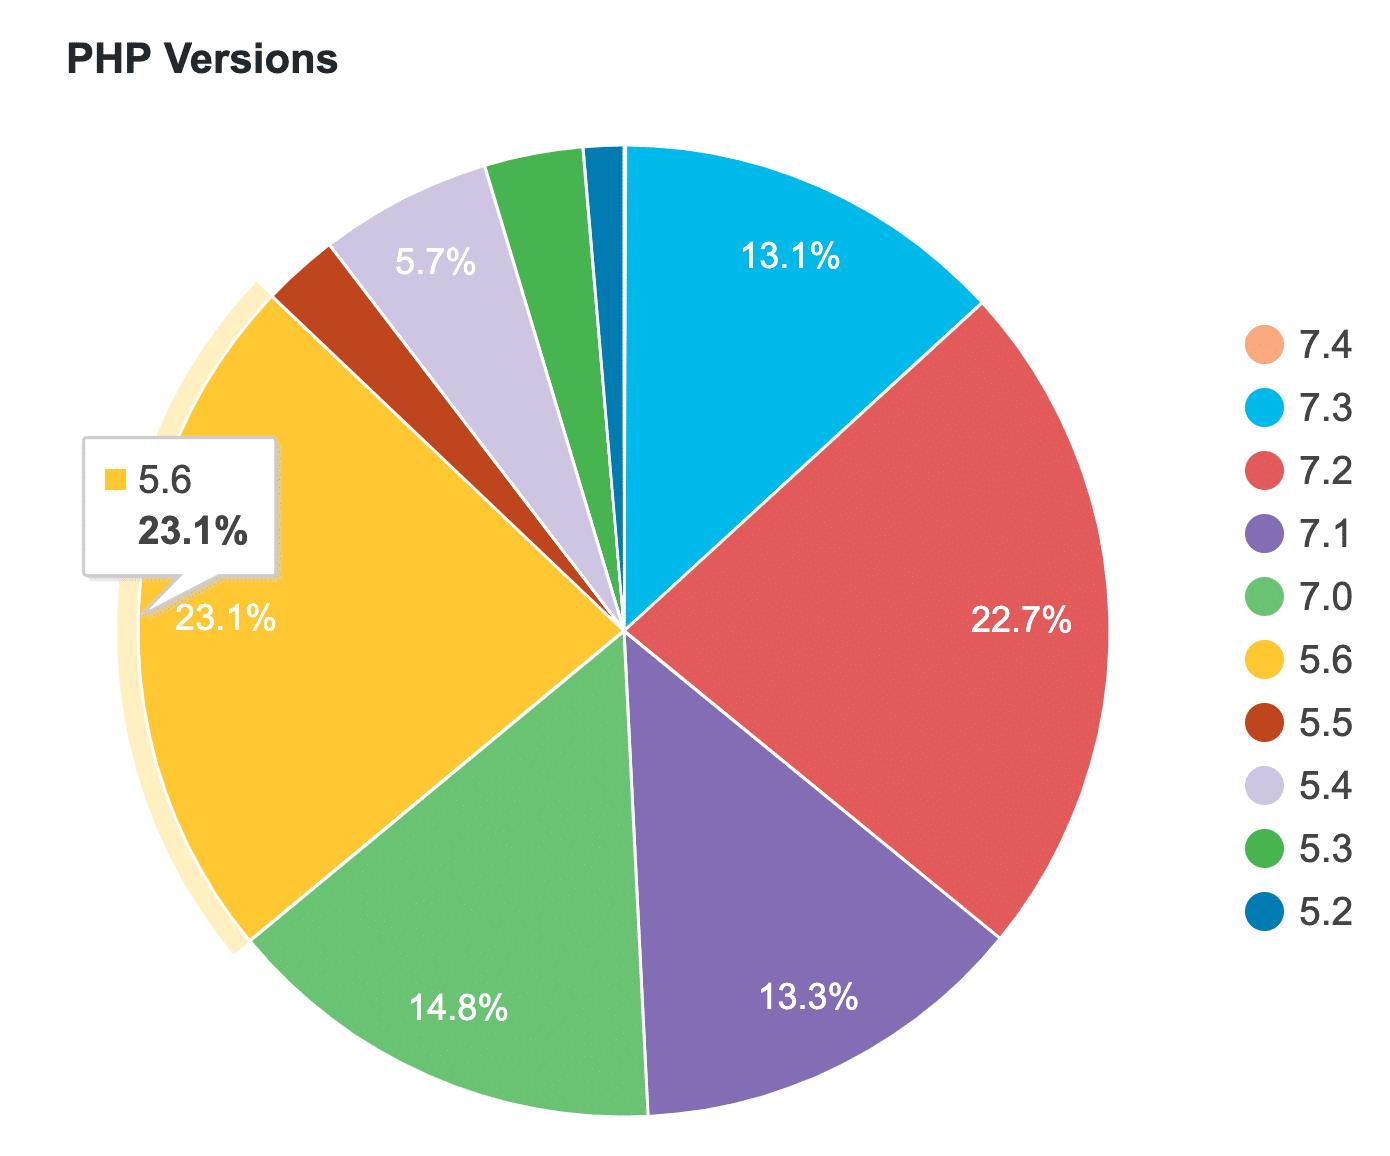 Statistiche della versione PHP di WordPress